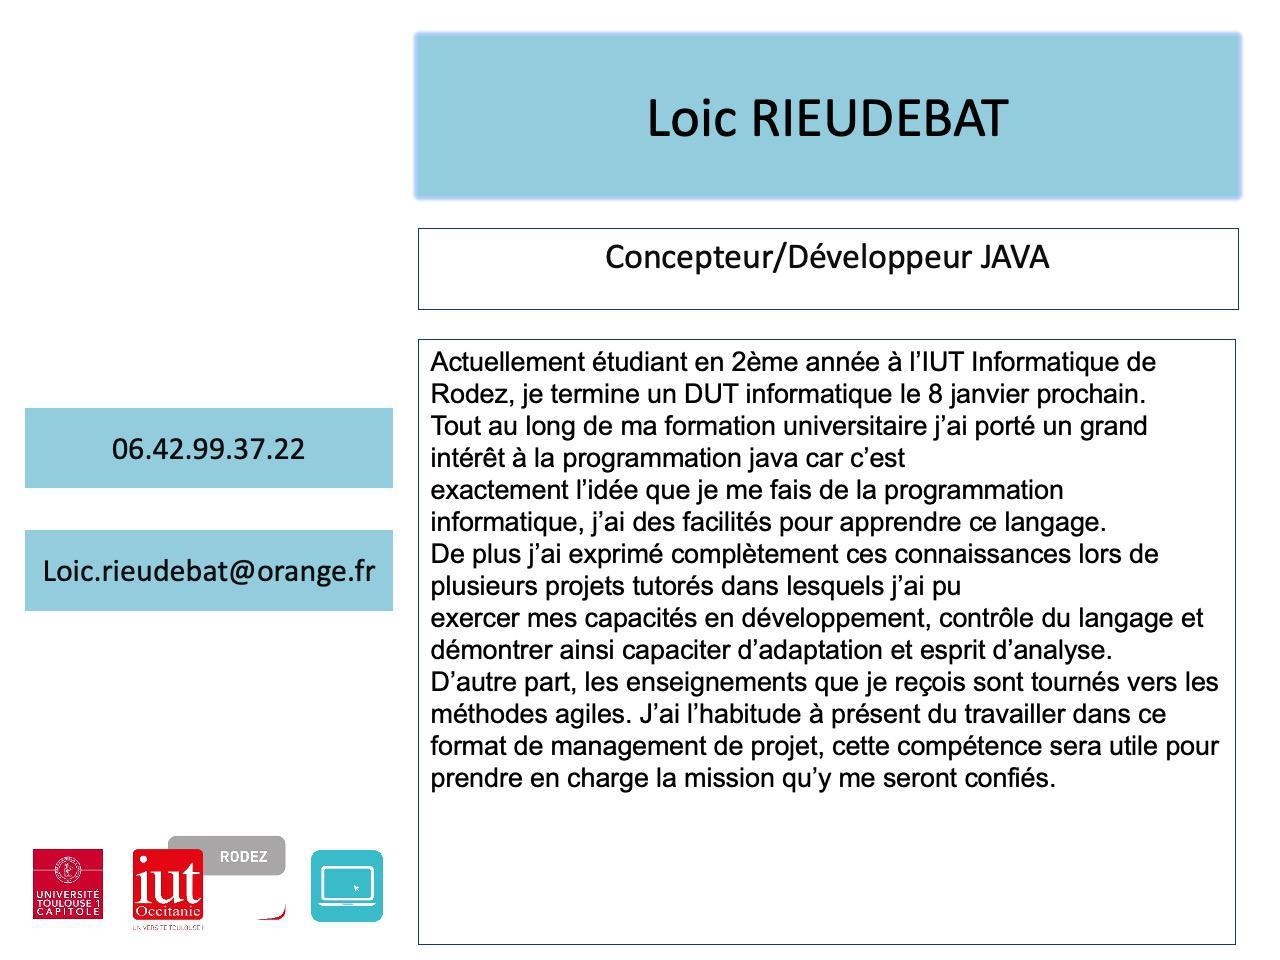 Loic Rieudebat